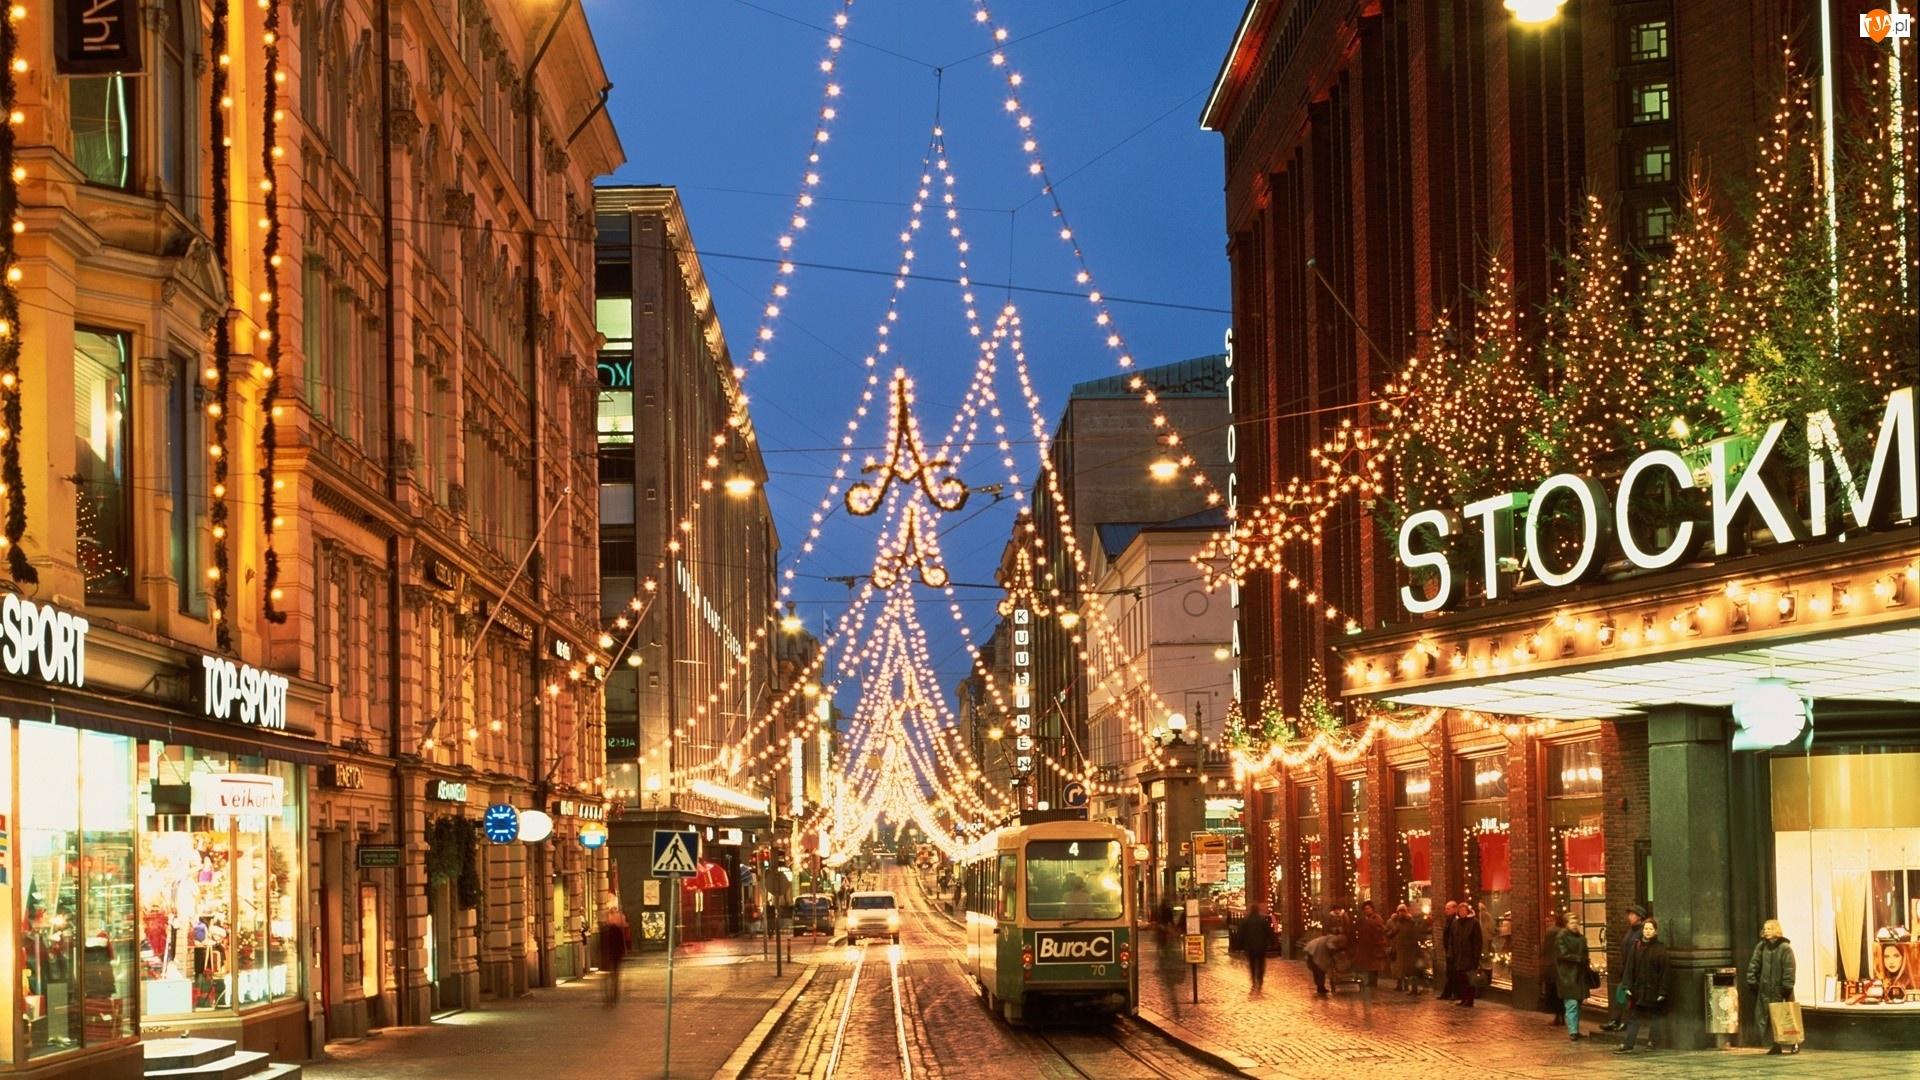 Domy, Finlandia, Ulica, Dekoracja